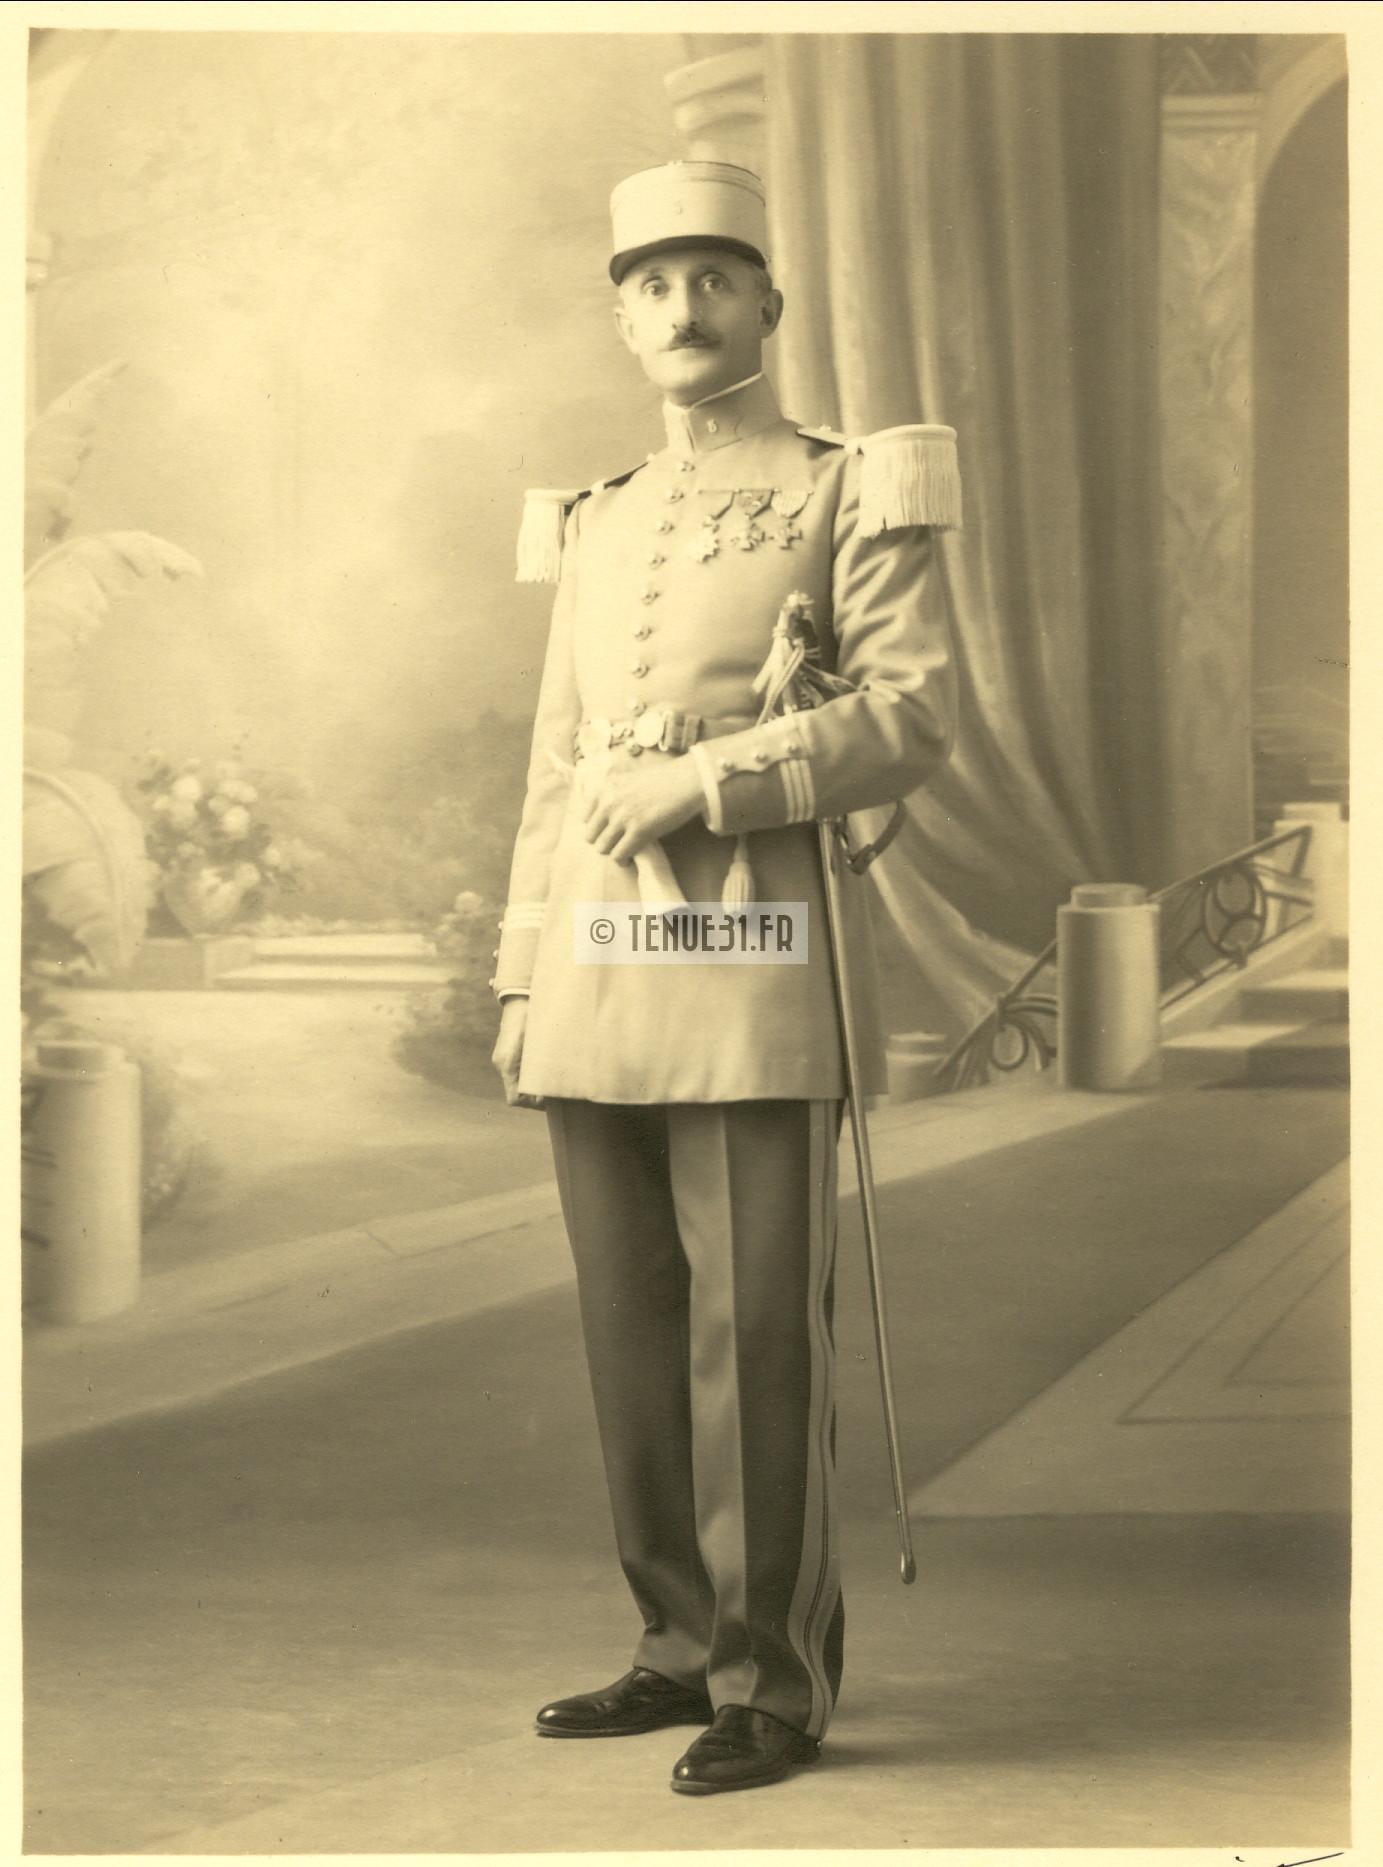 Uniforme grande tenue officier français modèle 31 1931 tenue31.fr chasseurs d'afrique